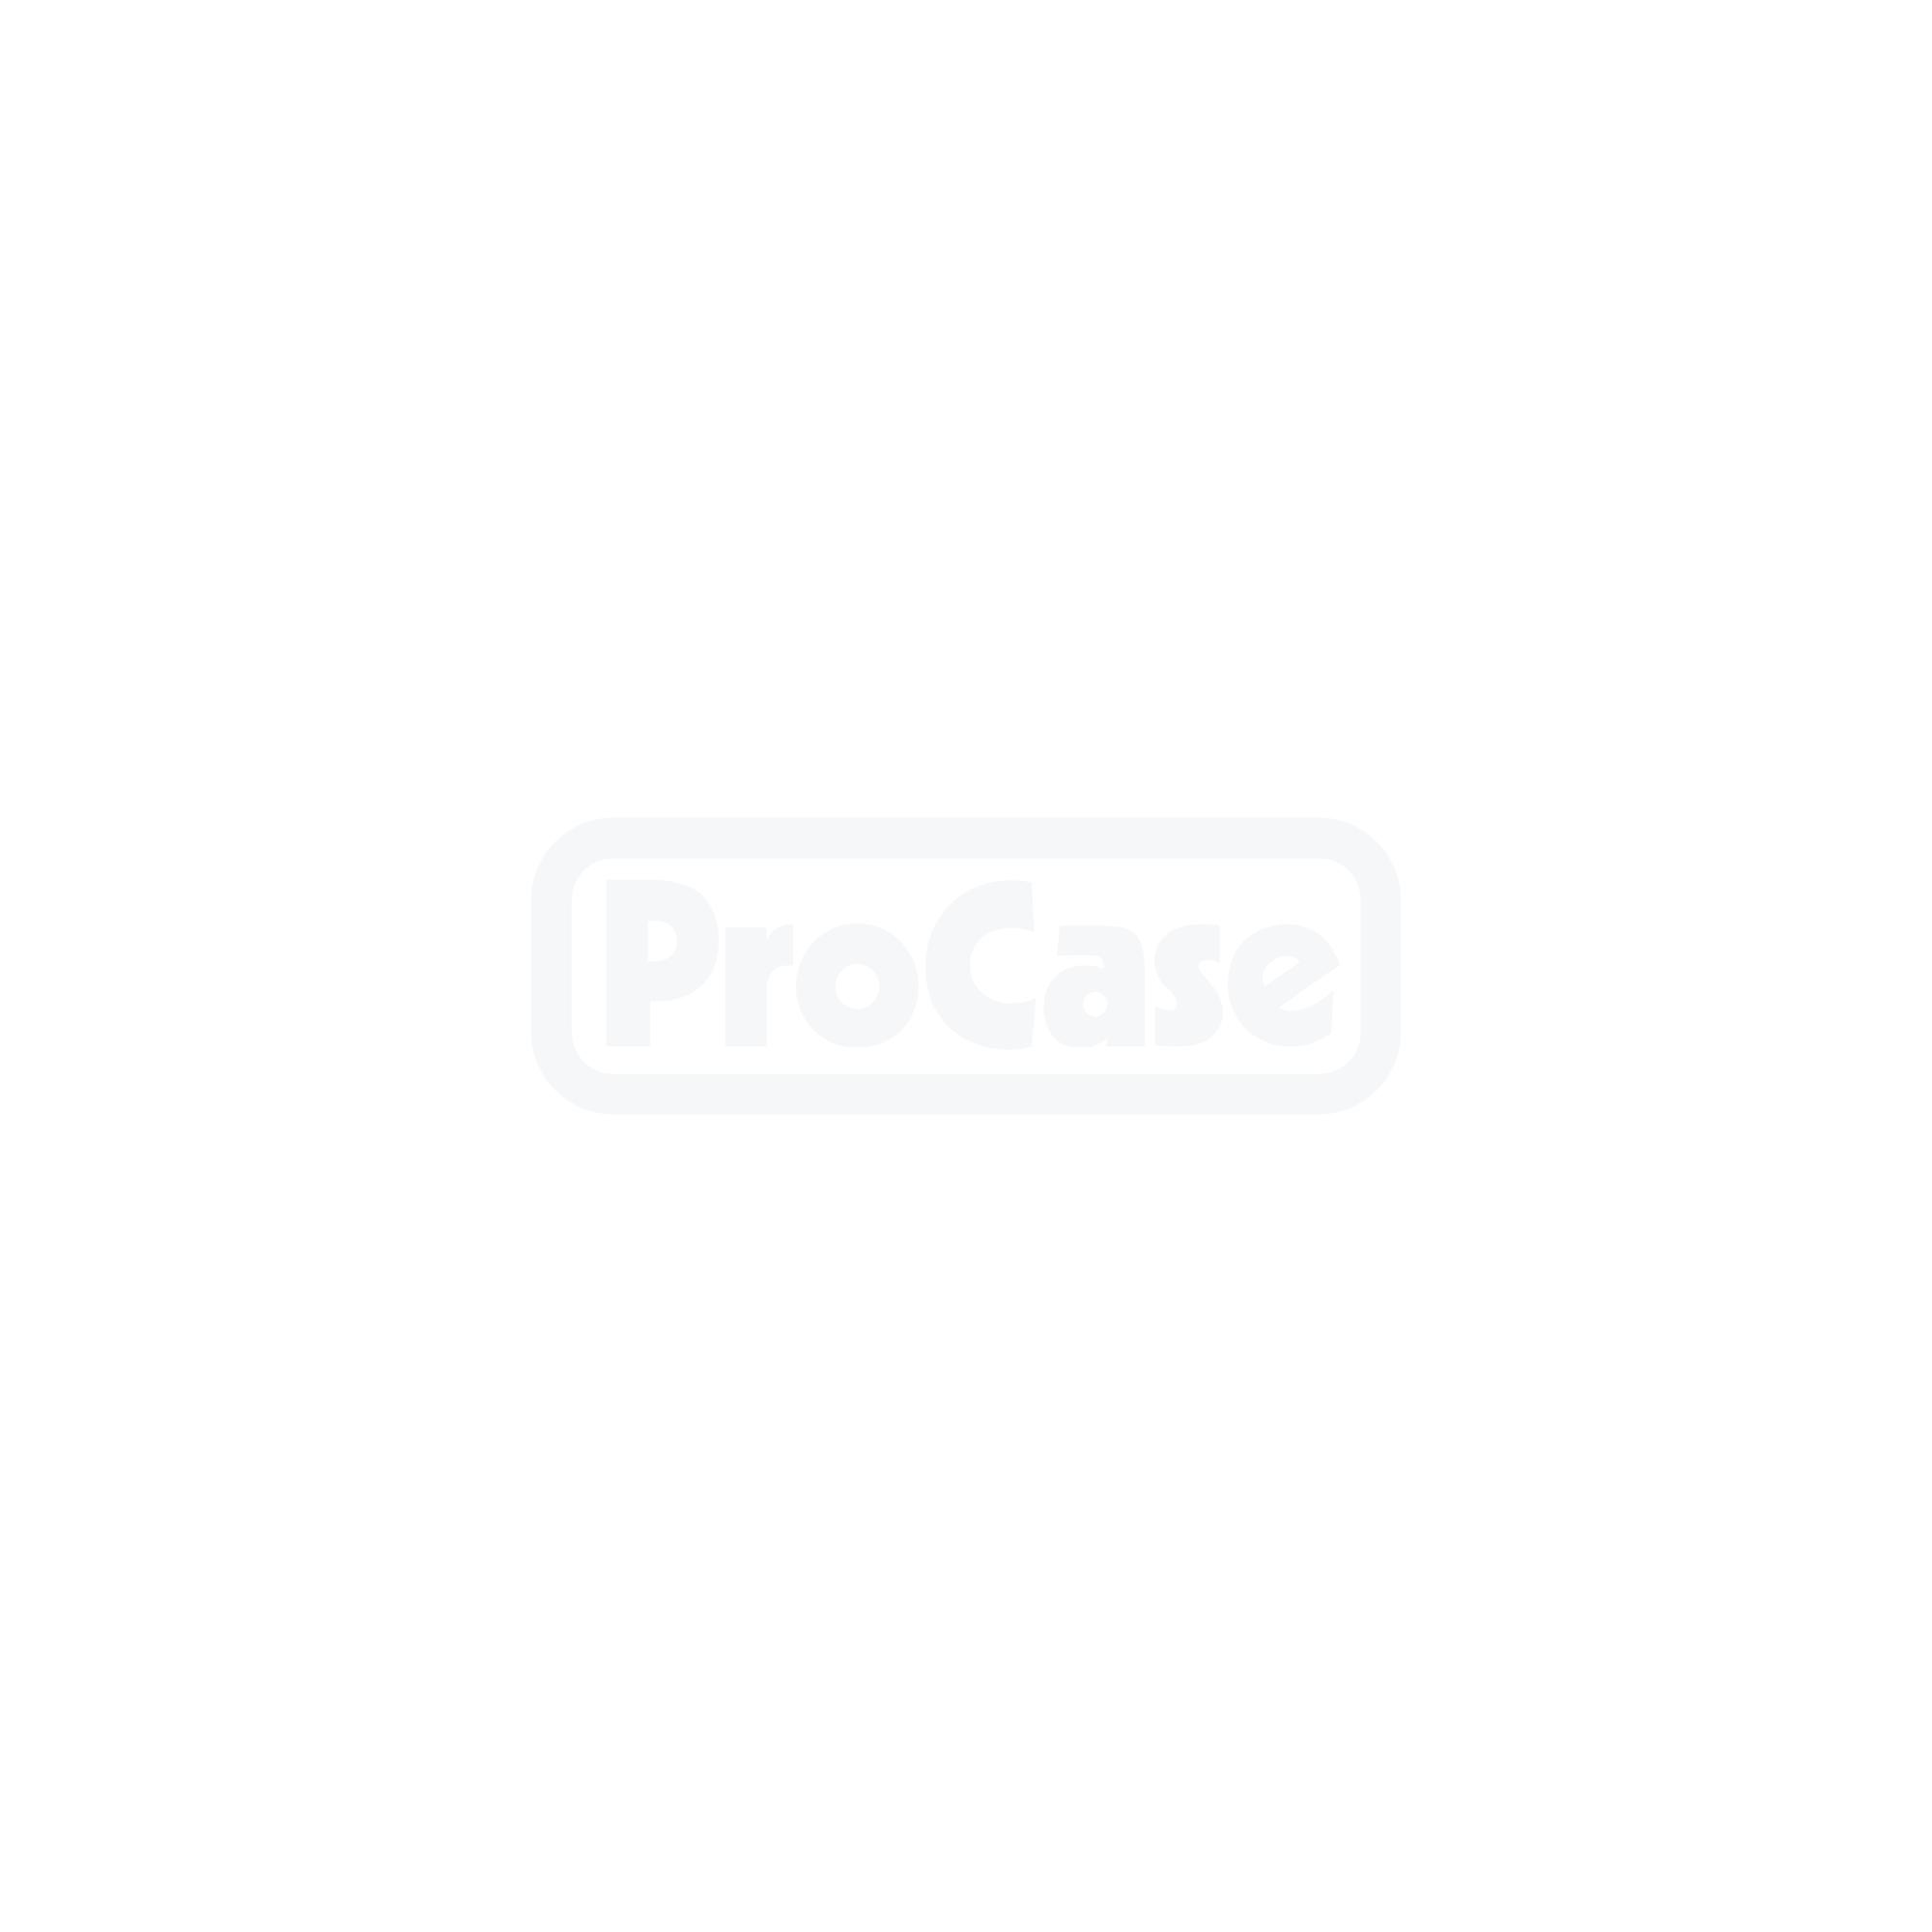 QSD Stack-Rack 4HE 800 tief 2